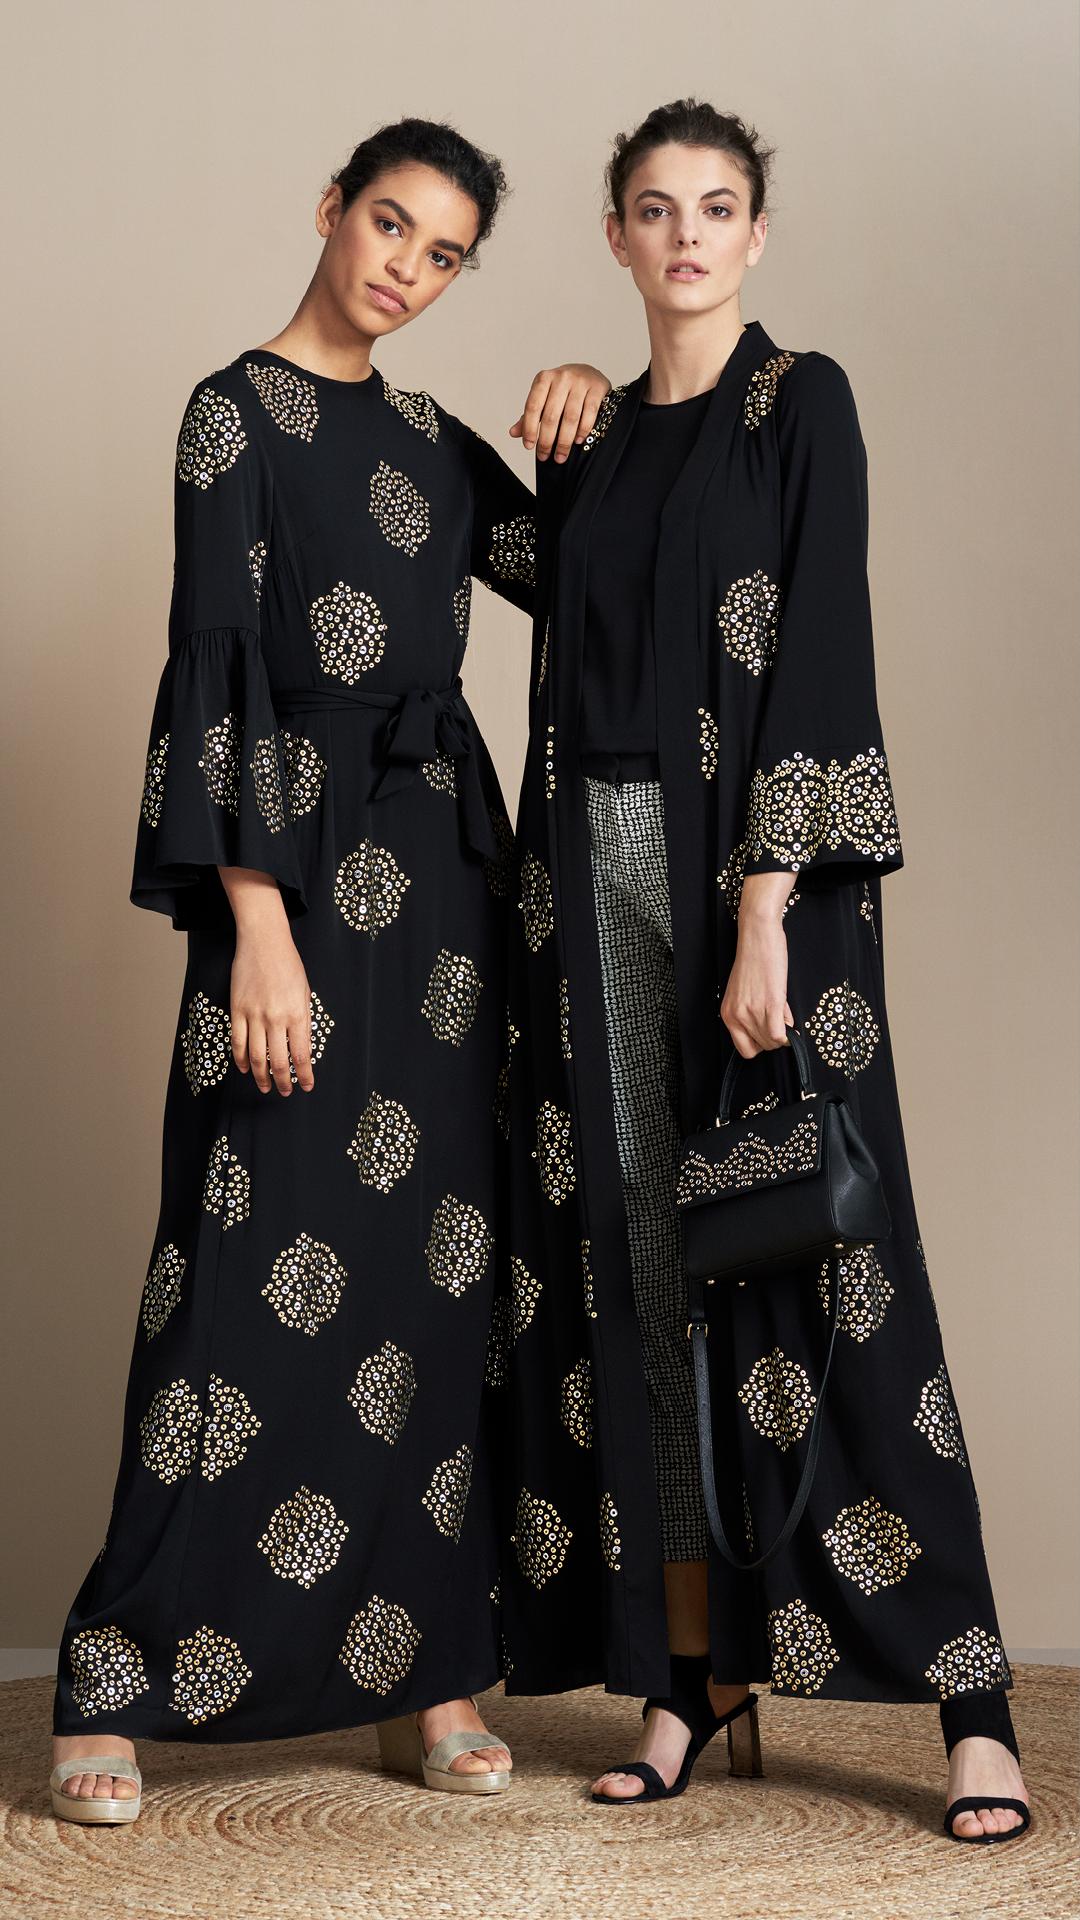 بالصور جلابيات رمضان , اجمل موديلات الملابس الرمضانية 3149